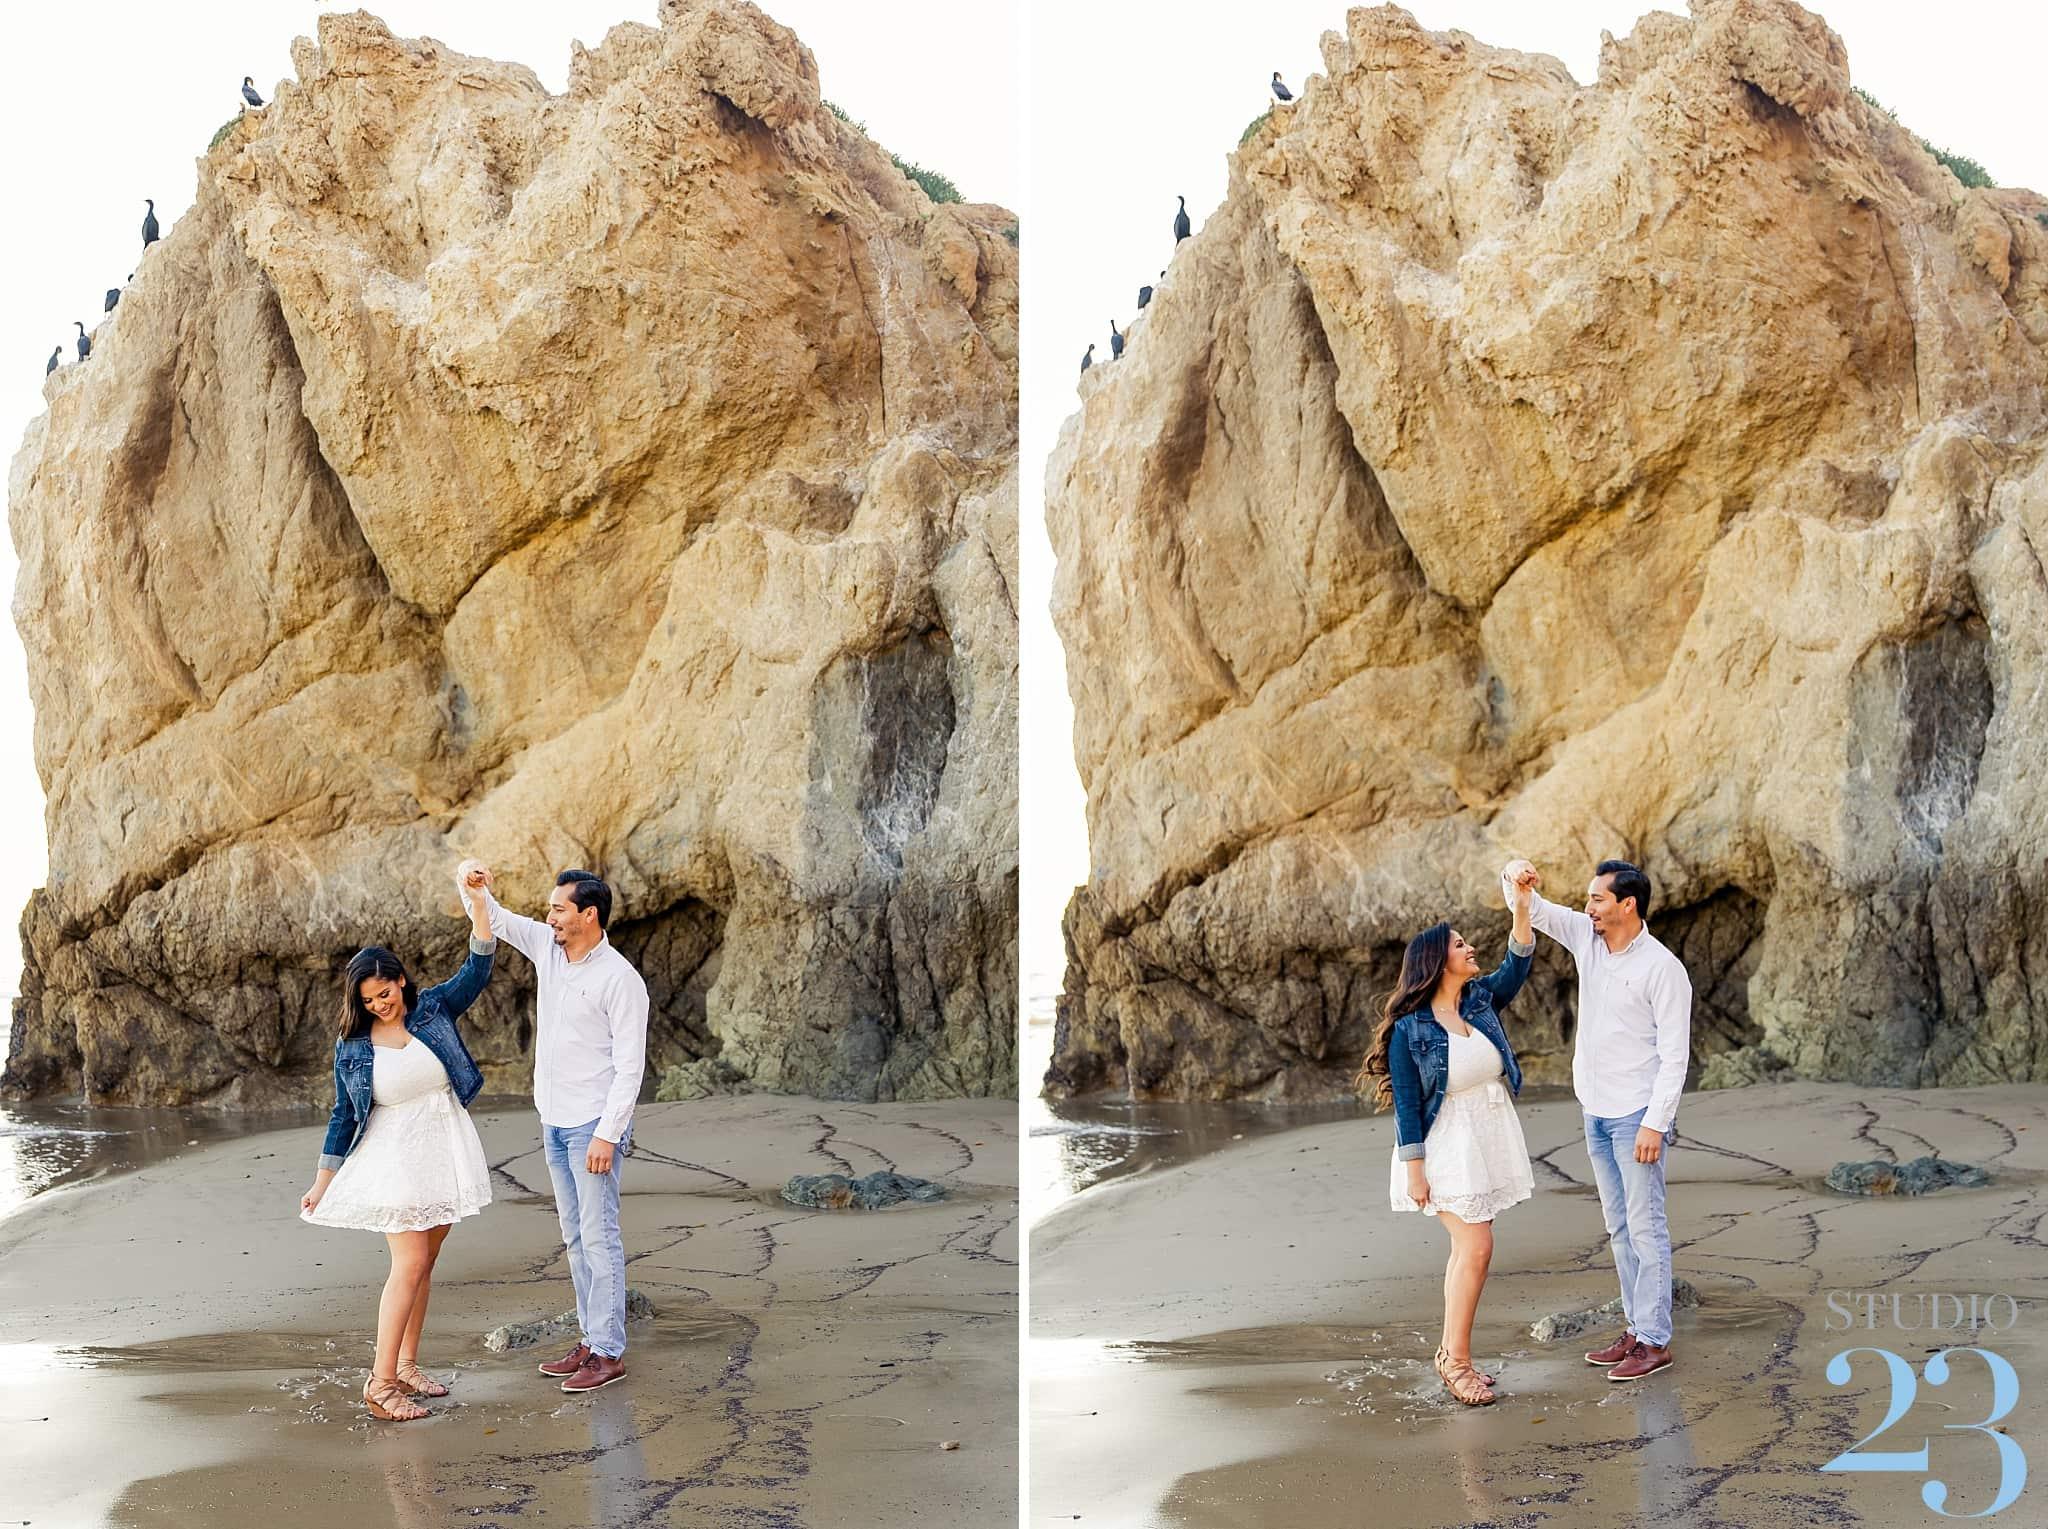 El Matador Beach Engagement Session in Malibu